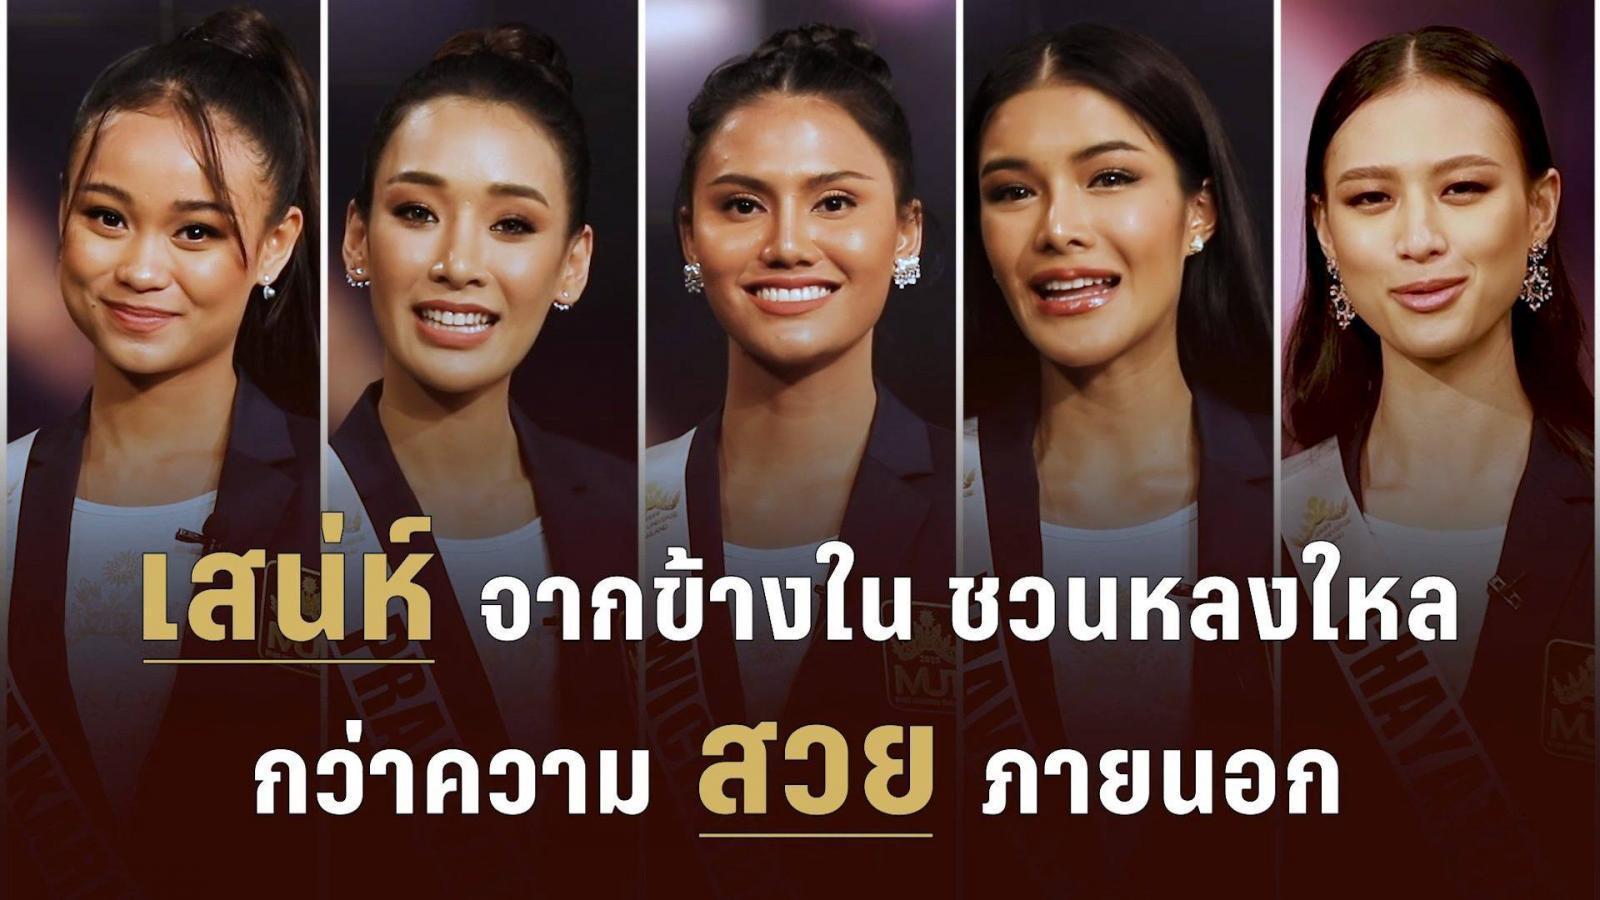 เสน่ห์ธรรมชาติ 5 สาว Miss Universe Thailand 2020 | PPTV HD 36